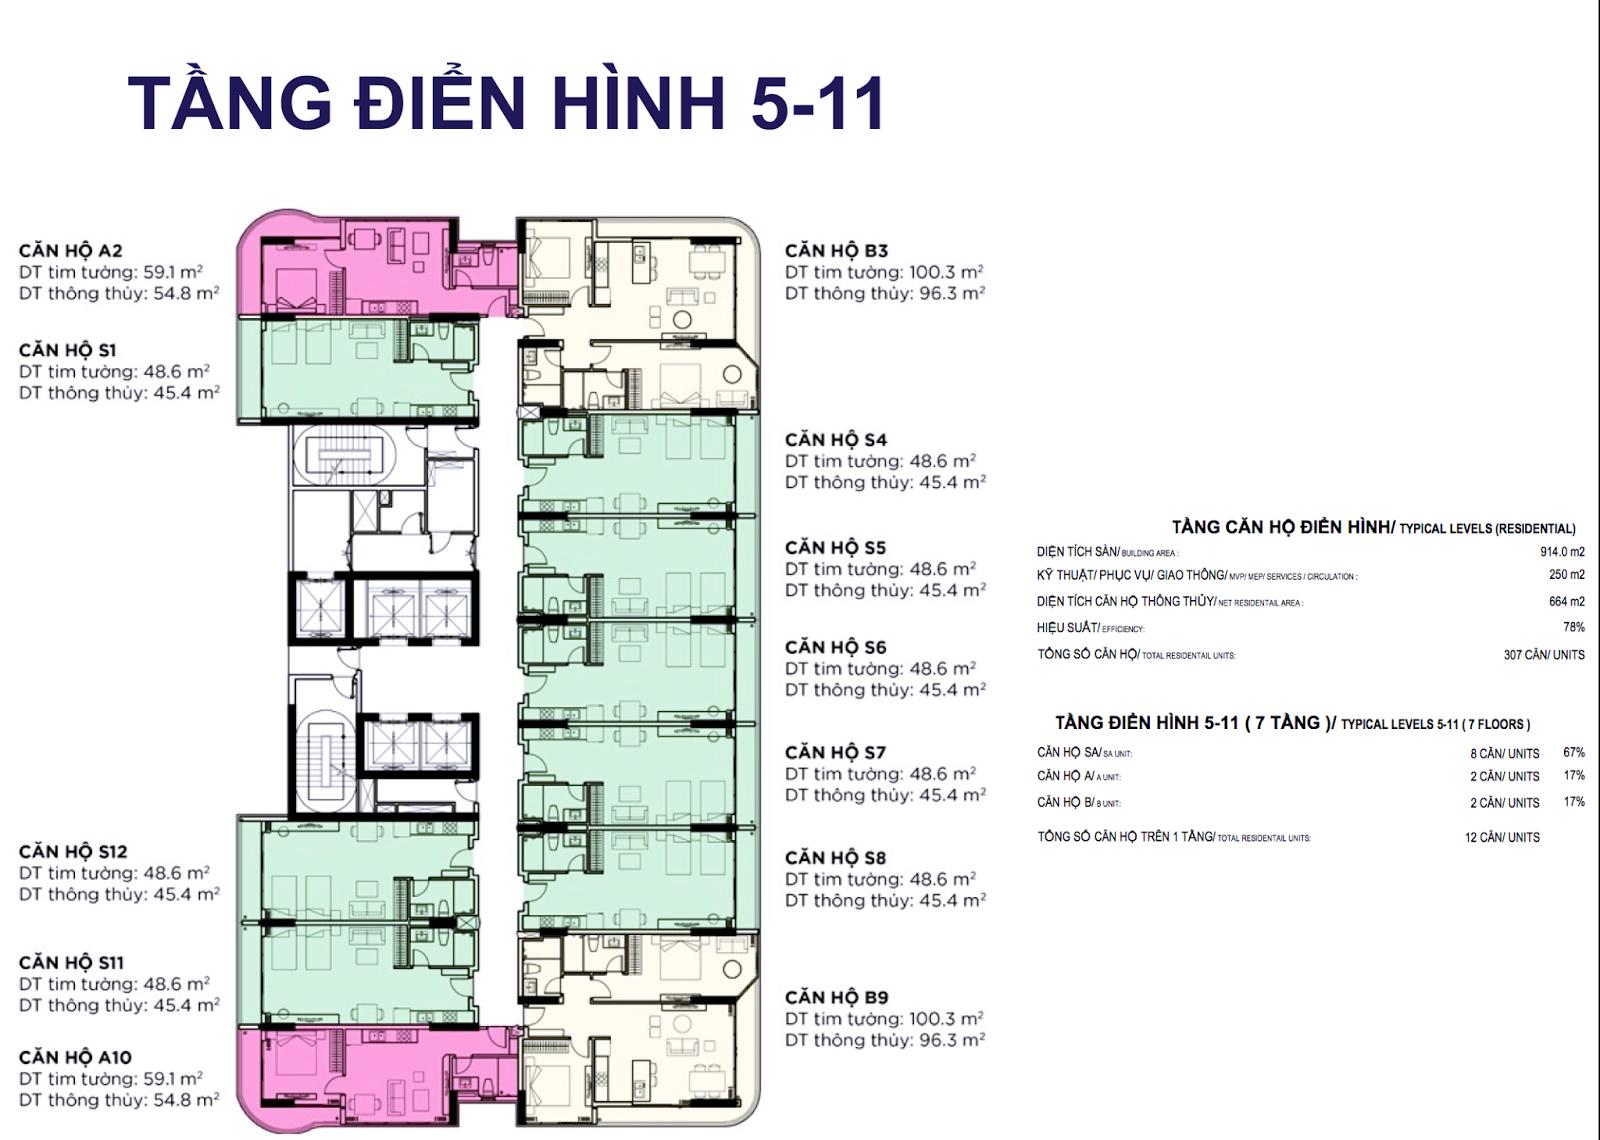 Mặt bằng điển hình tầng 5 - 11 dự án Kim Long Season